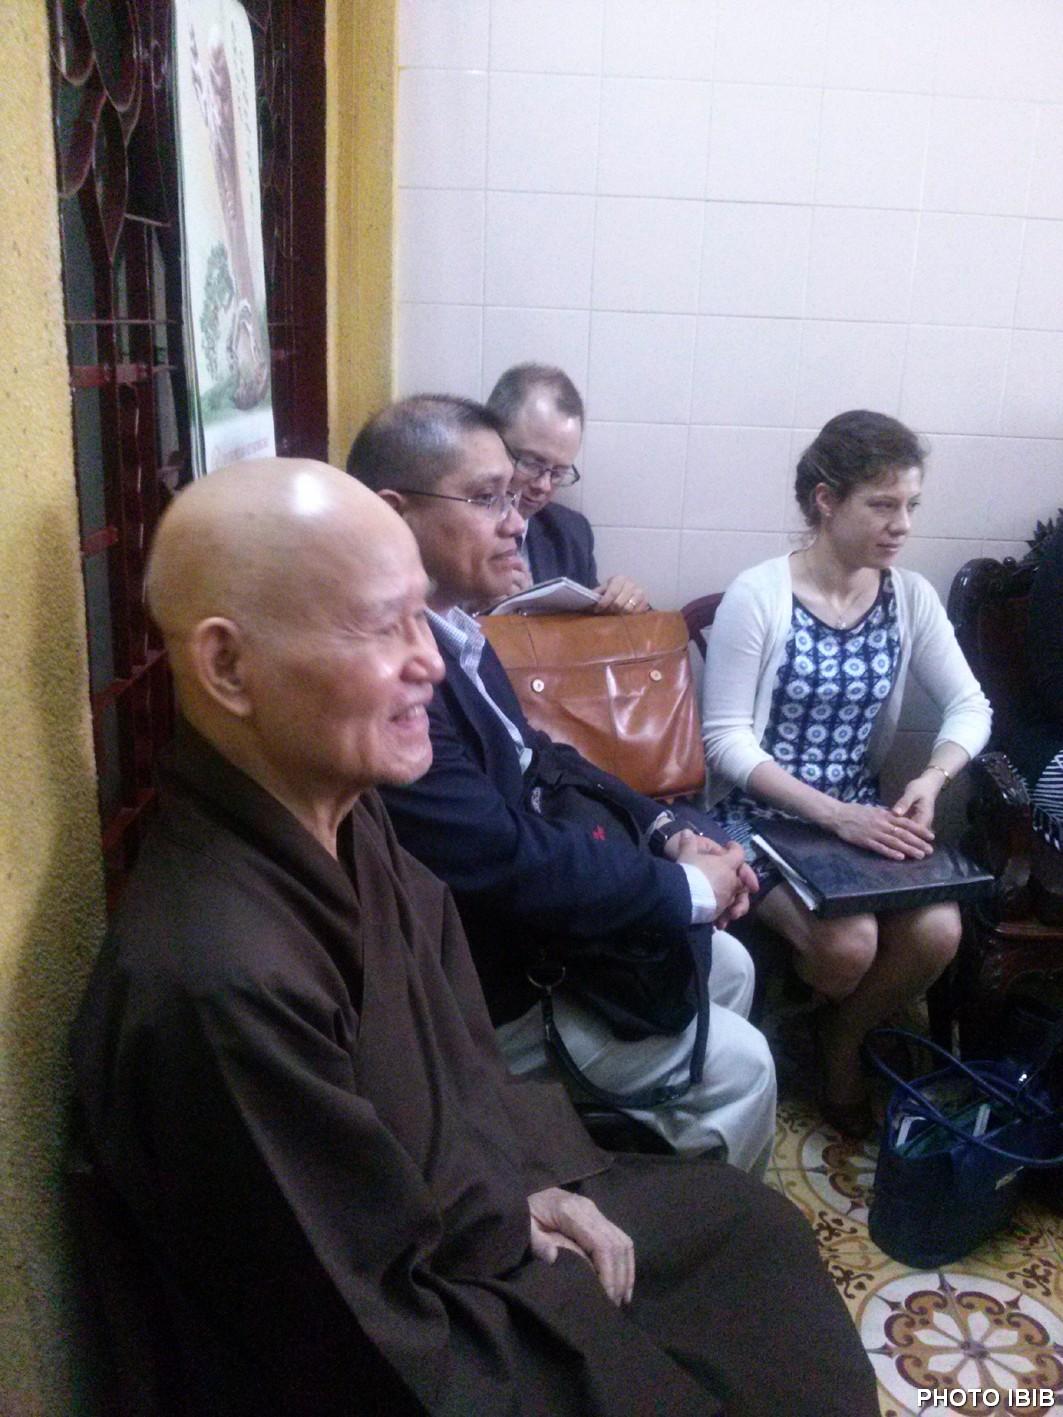 Đức Tăng Thống Thích Quảng Độ tại cuộc gặp gỡ Phái đoàn Quốc hội Hoa Kỳ ở Thanh Minh Thiền Viện